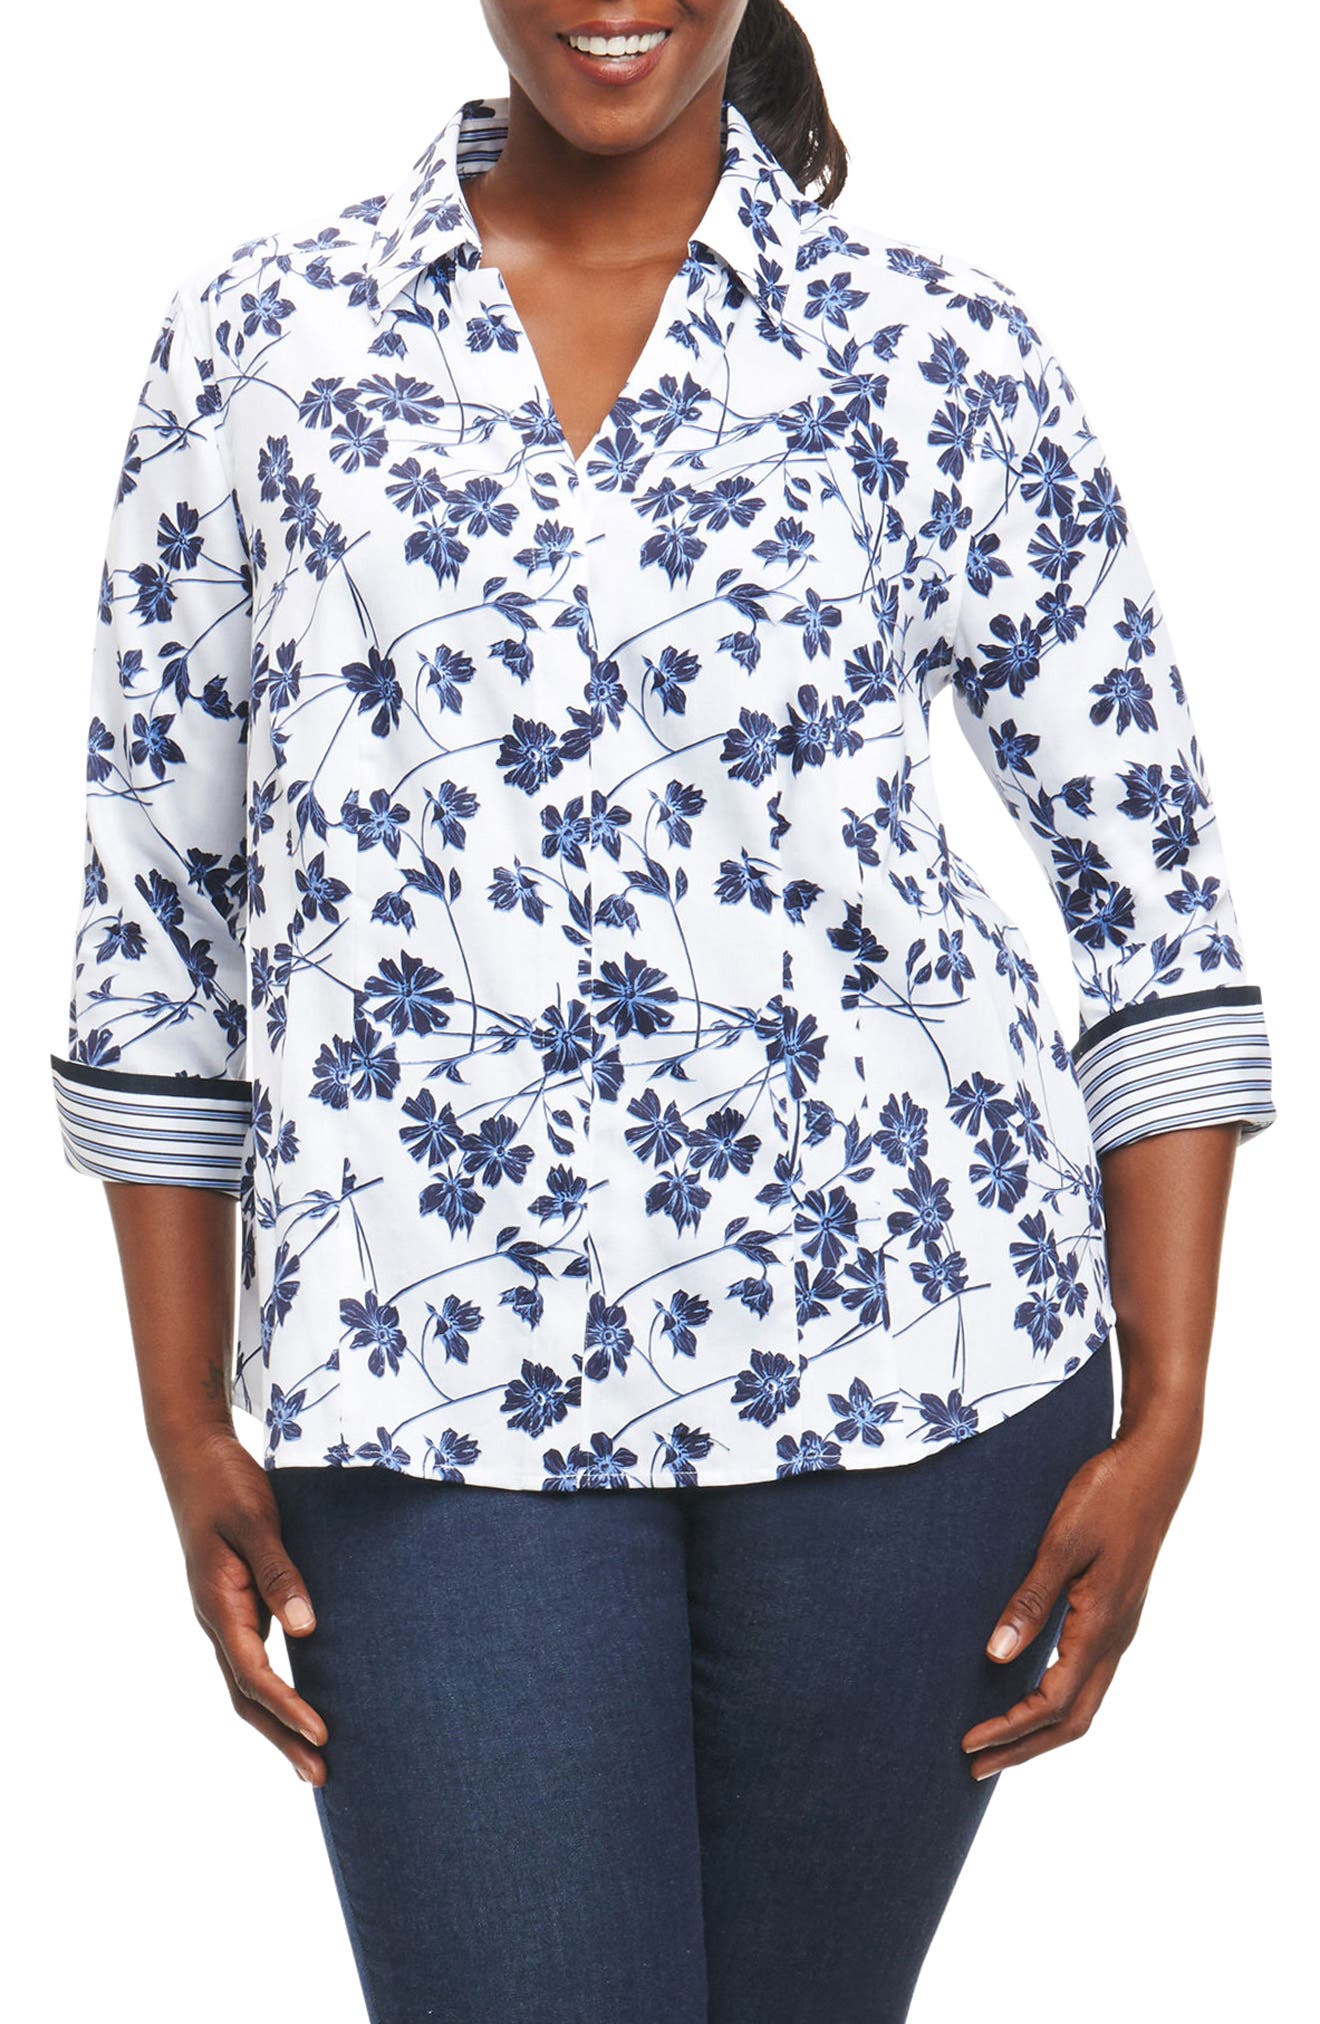 Main Image - Foxcroft Taylor Floral Print Shirt (Plus Size)